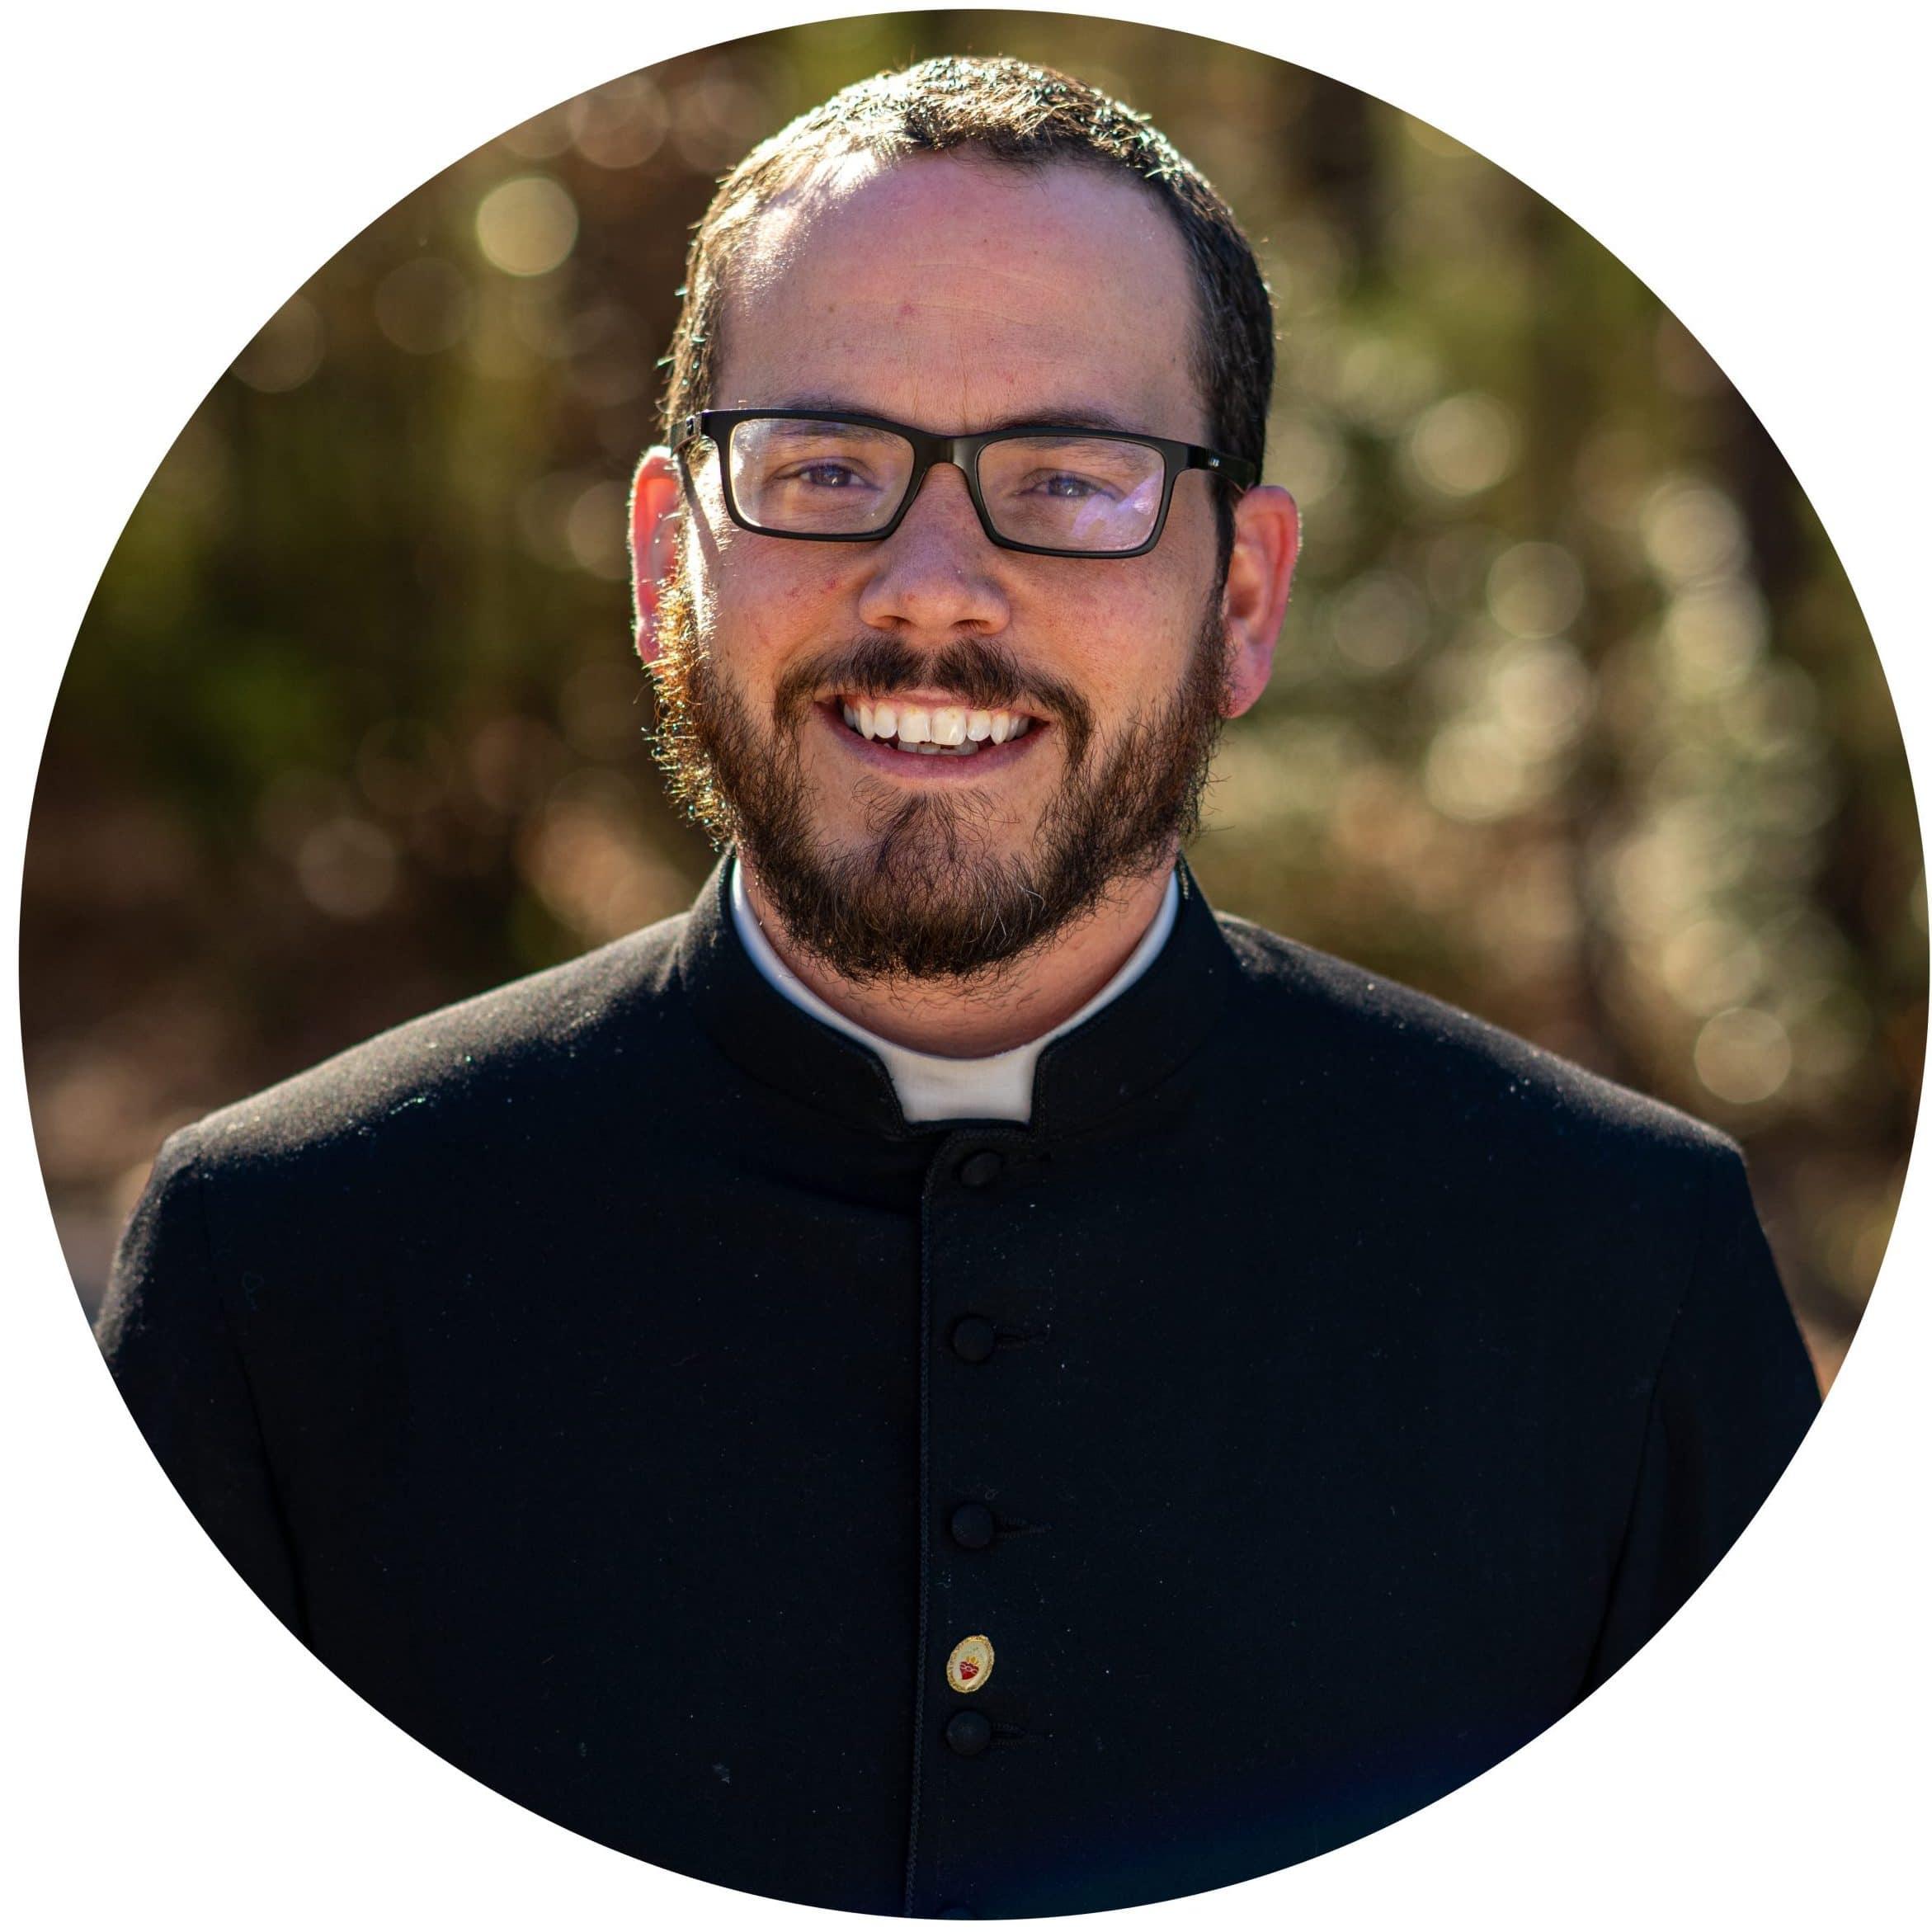 Fr. Justin Braun